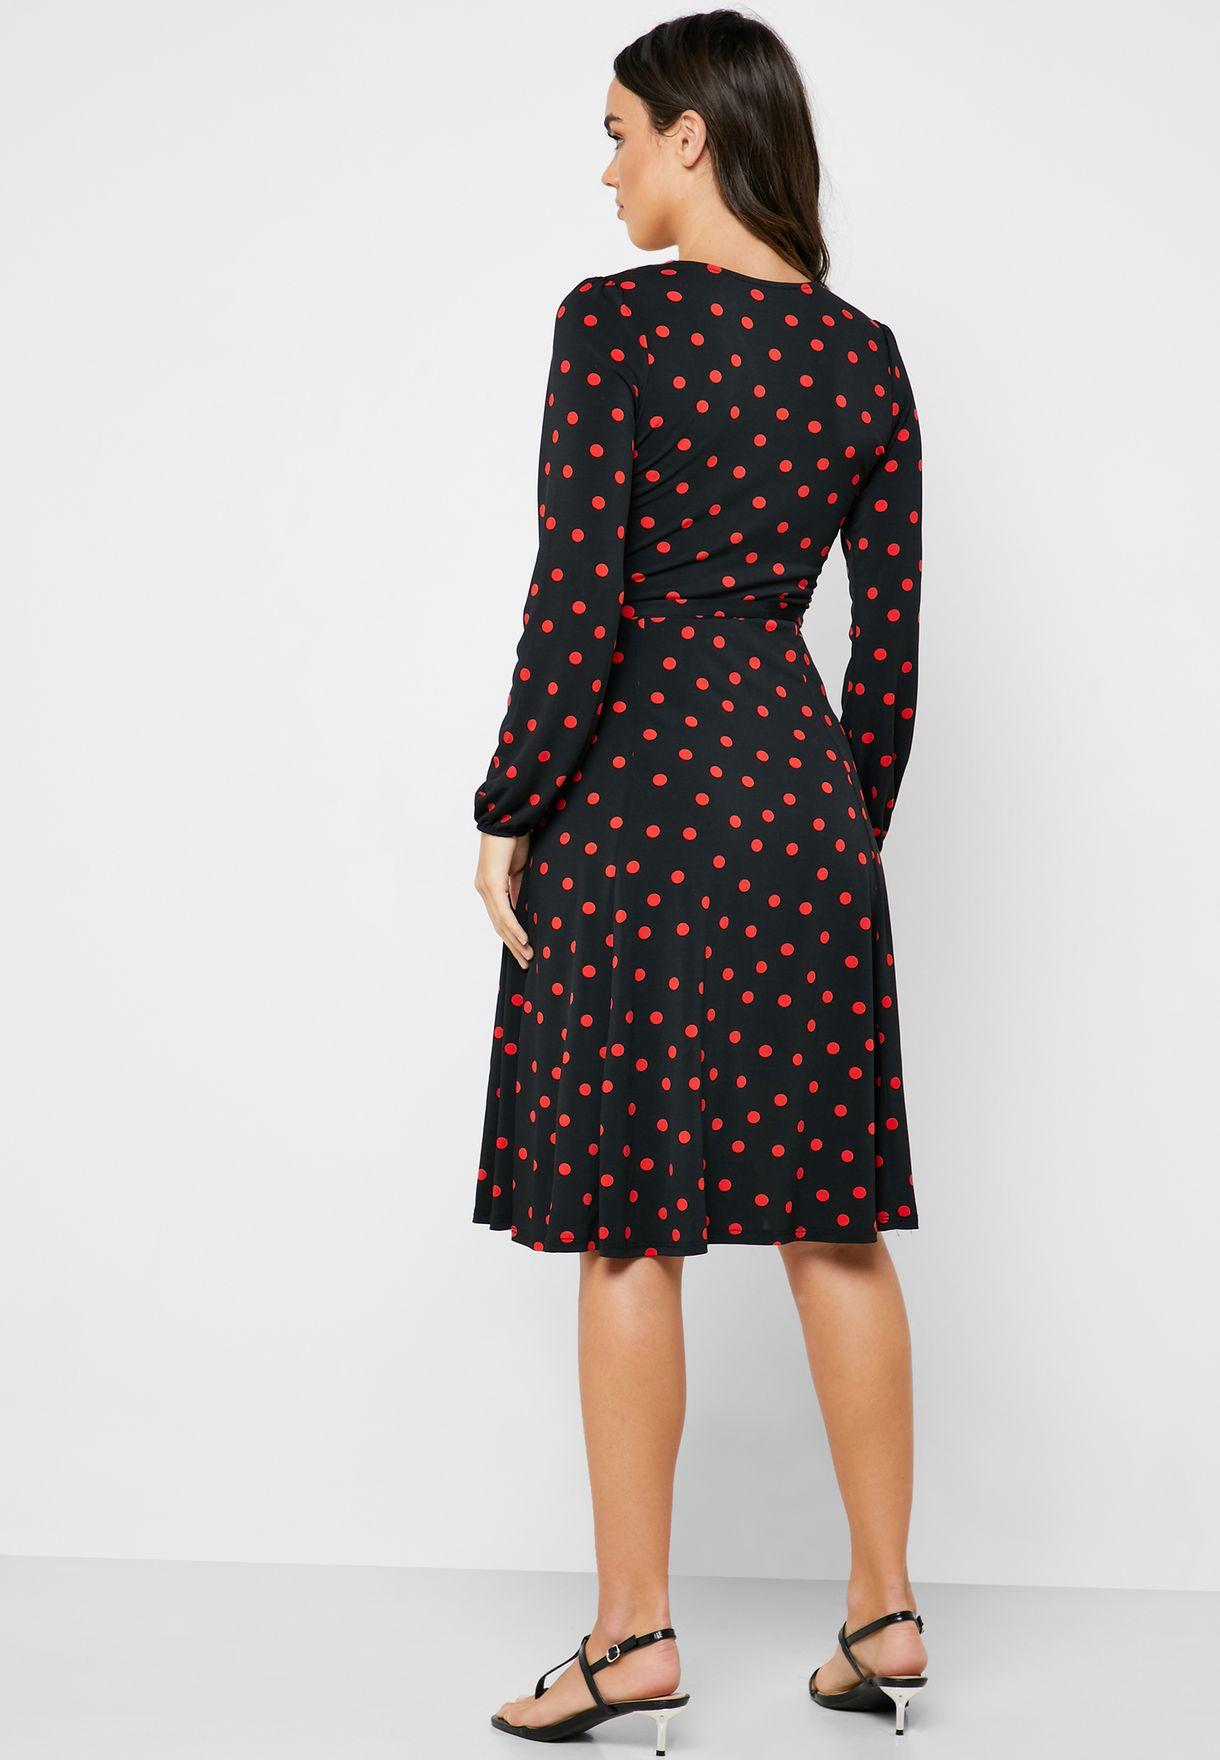 Dot Print Wrap Dress